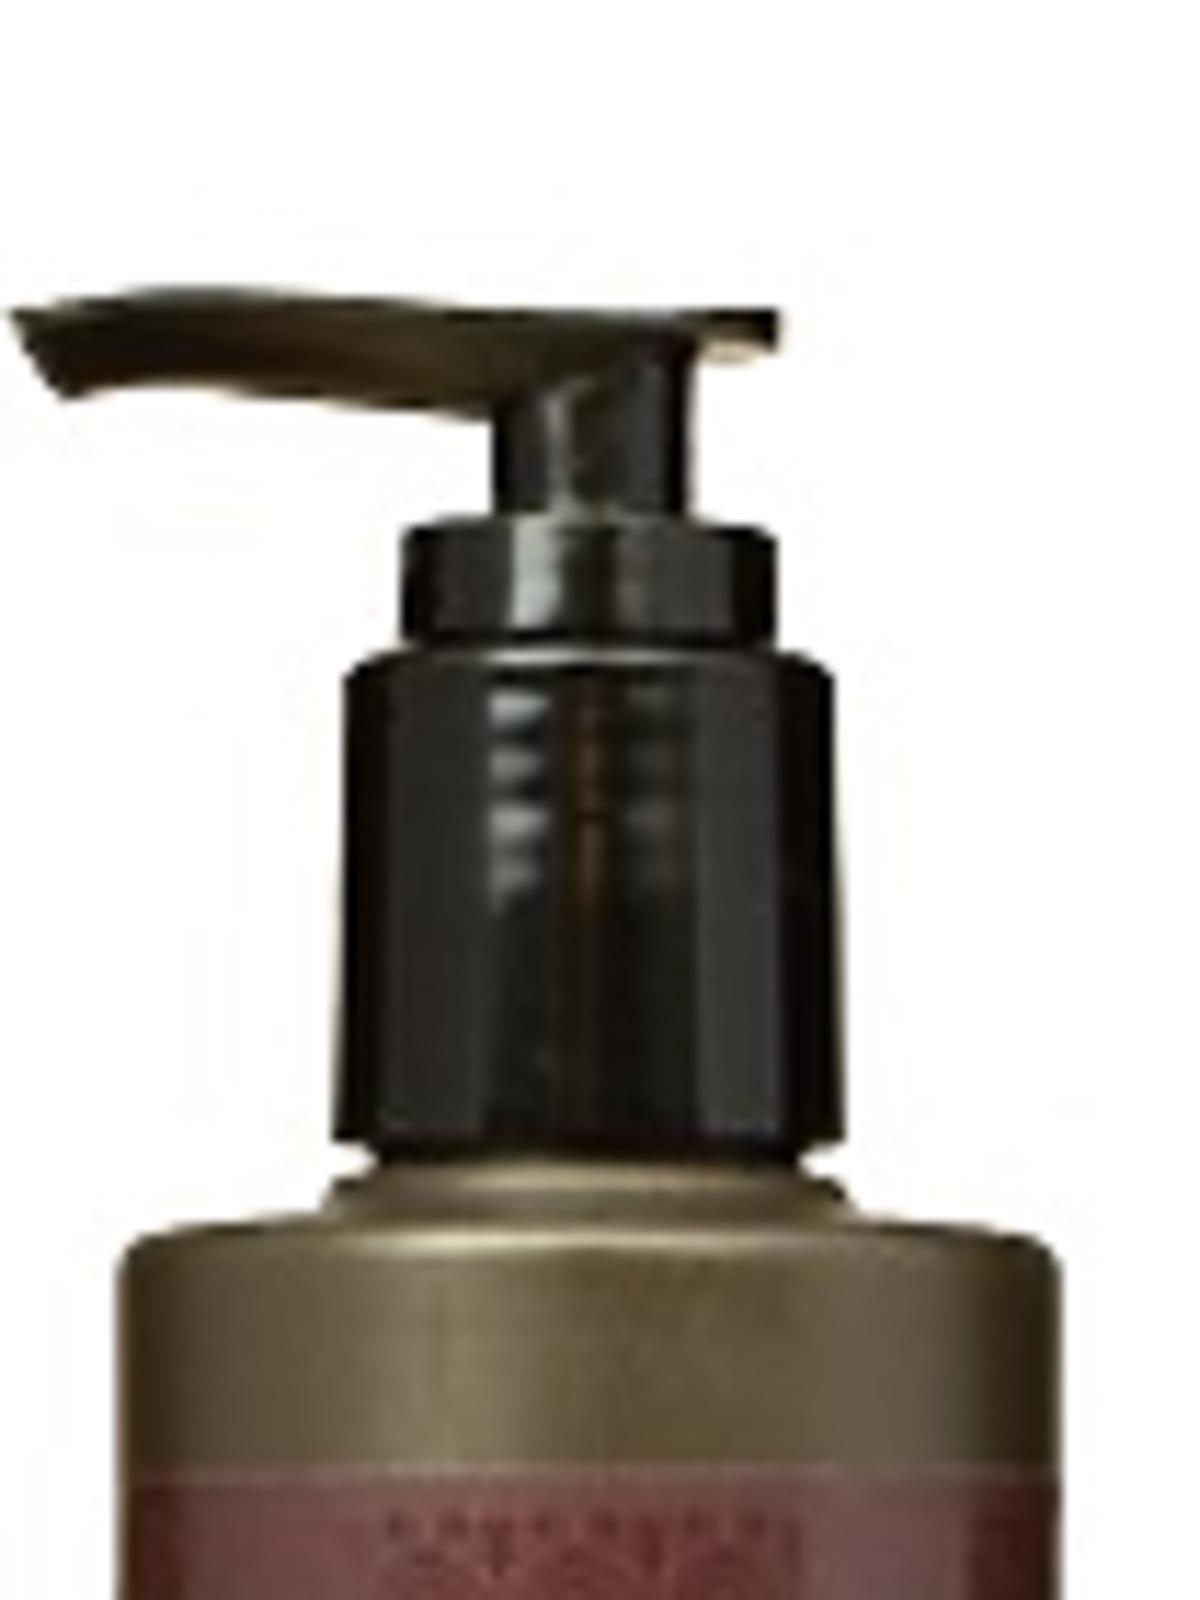 Marokanski balsam do wszystkich rodzajów włosów Planeta Organica, ok. 18zł